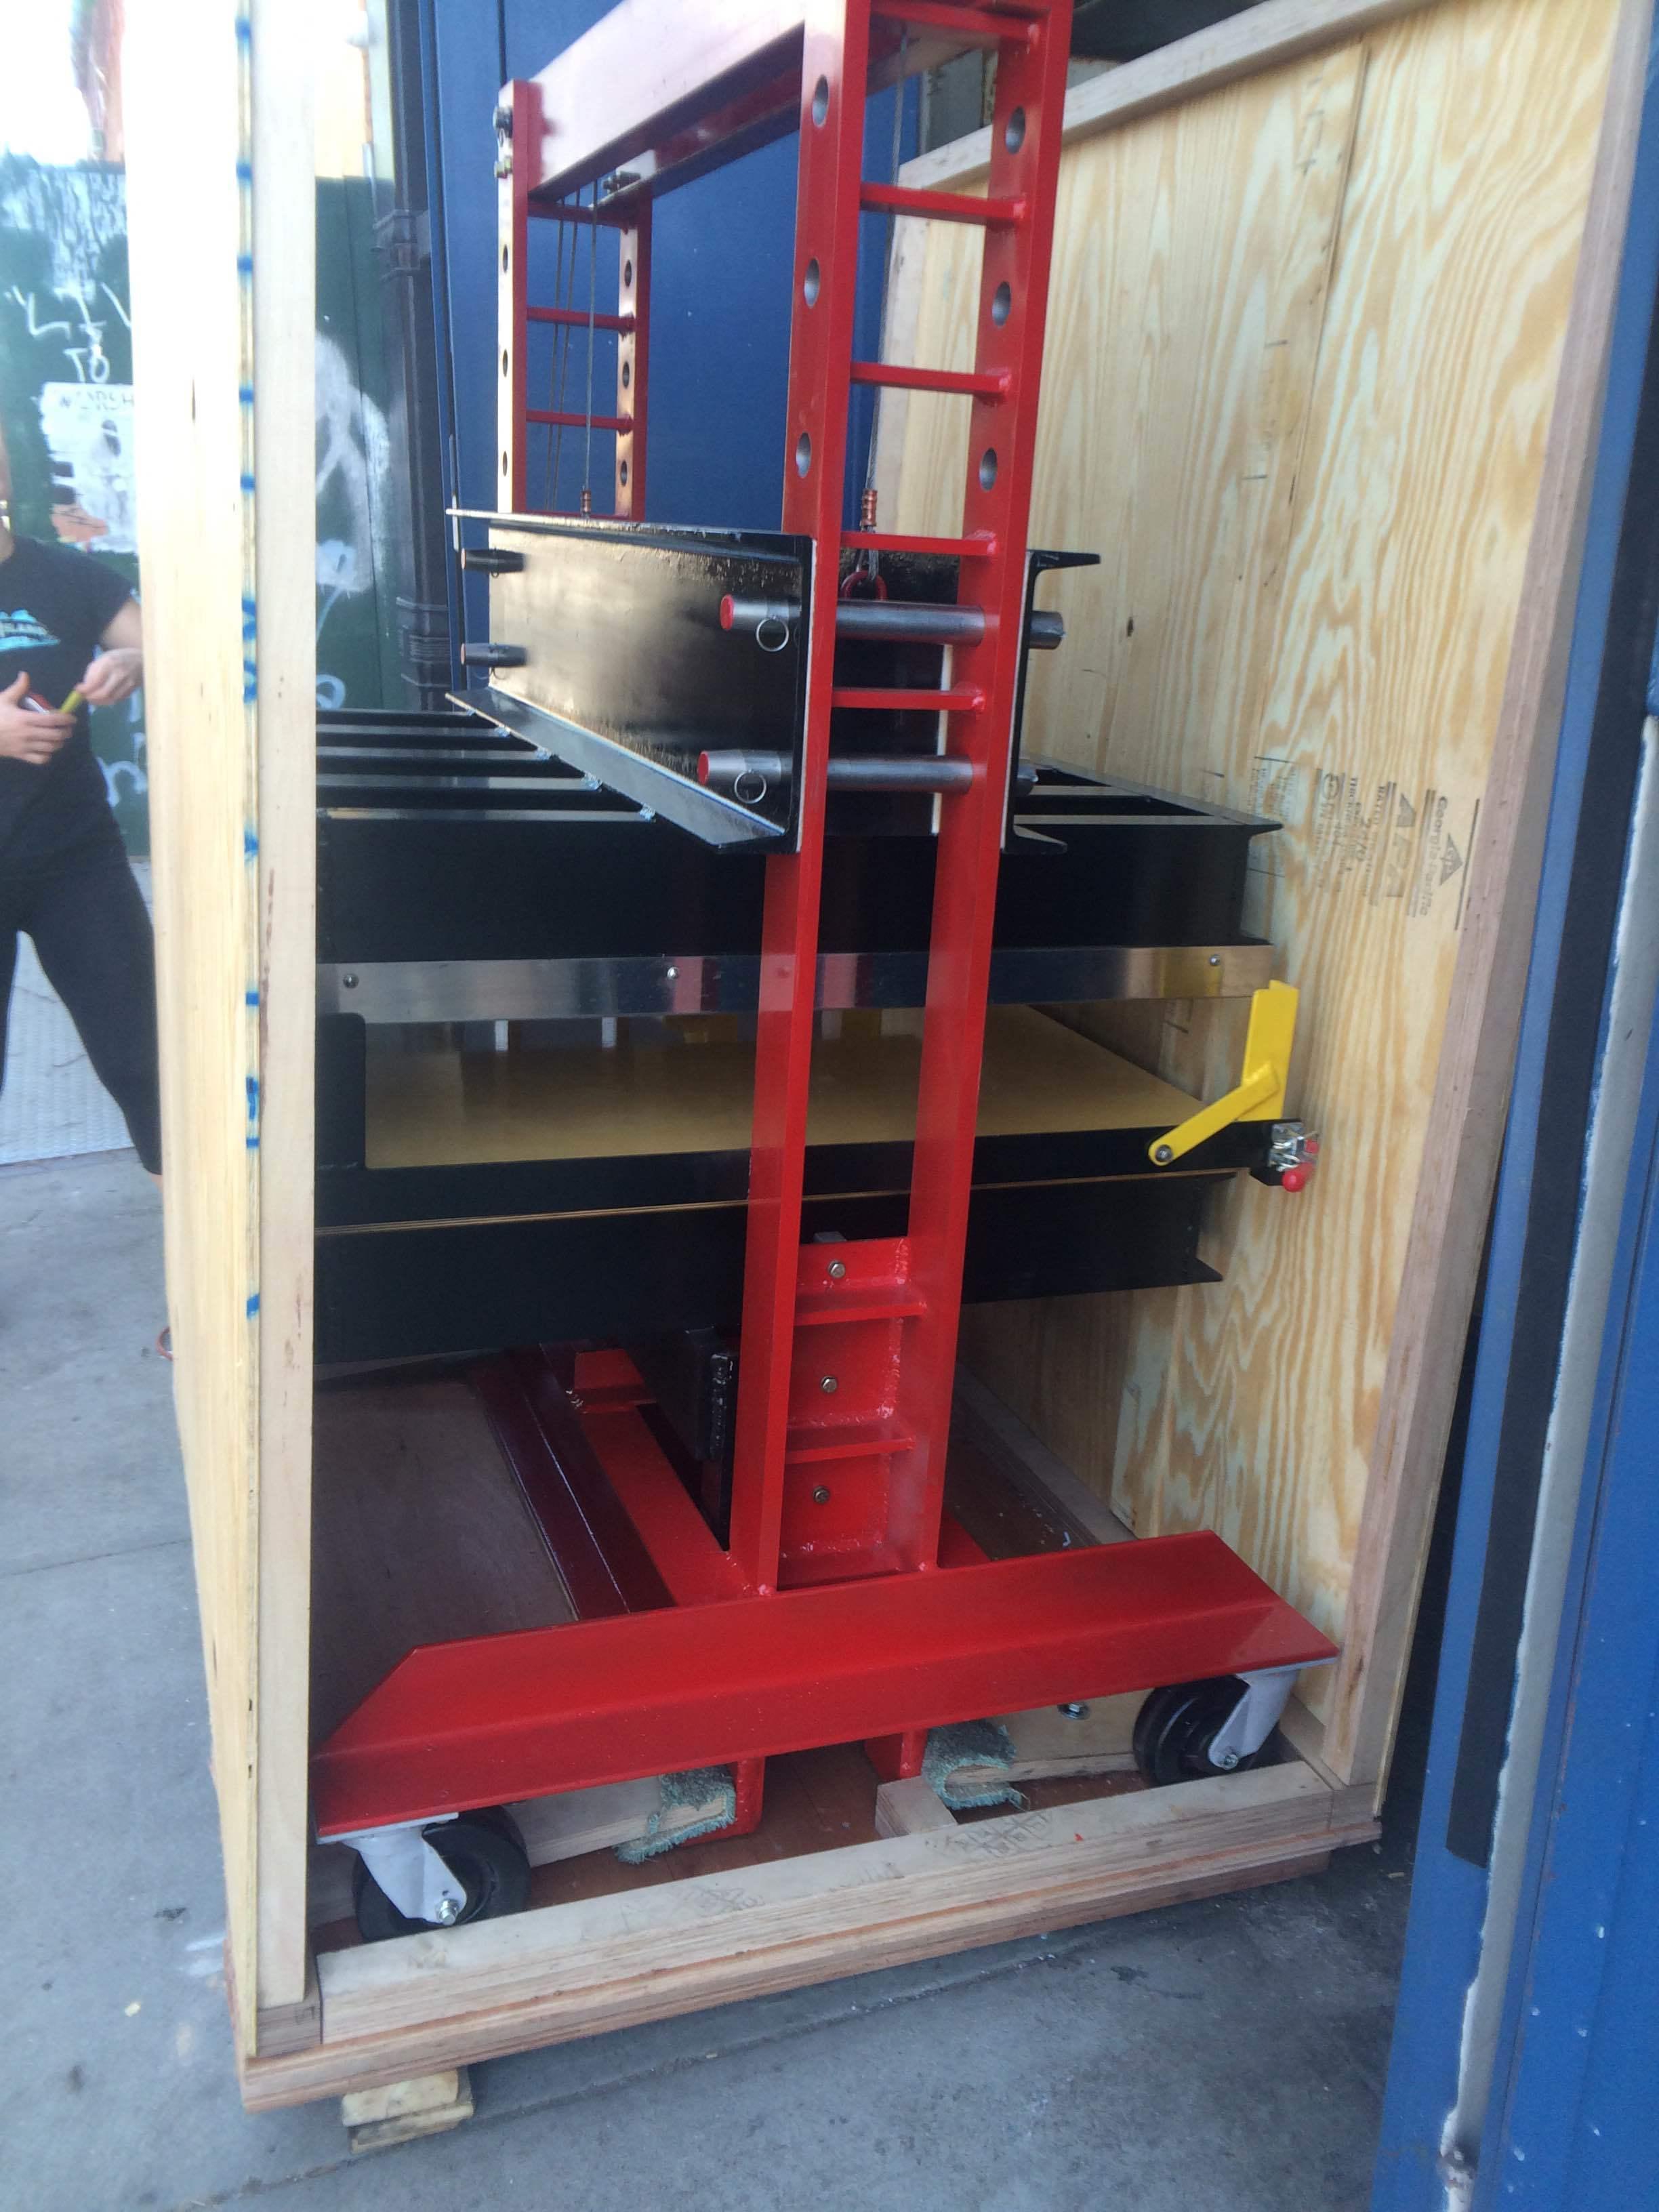 Crating a 50-ton press